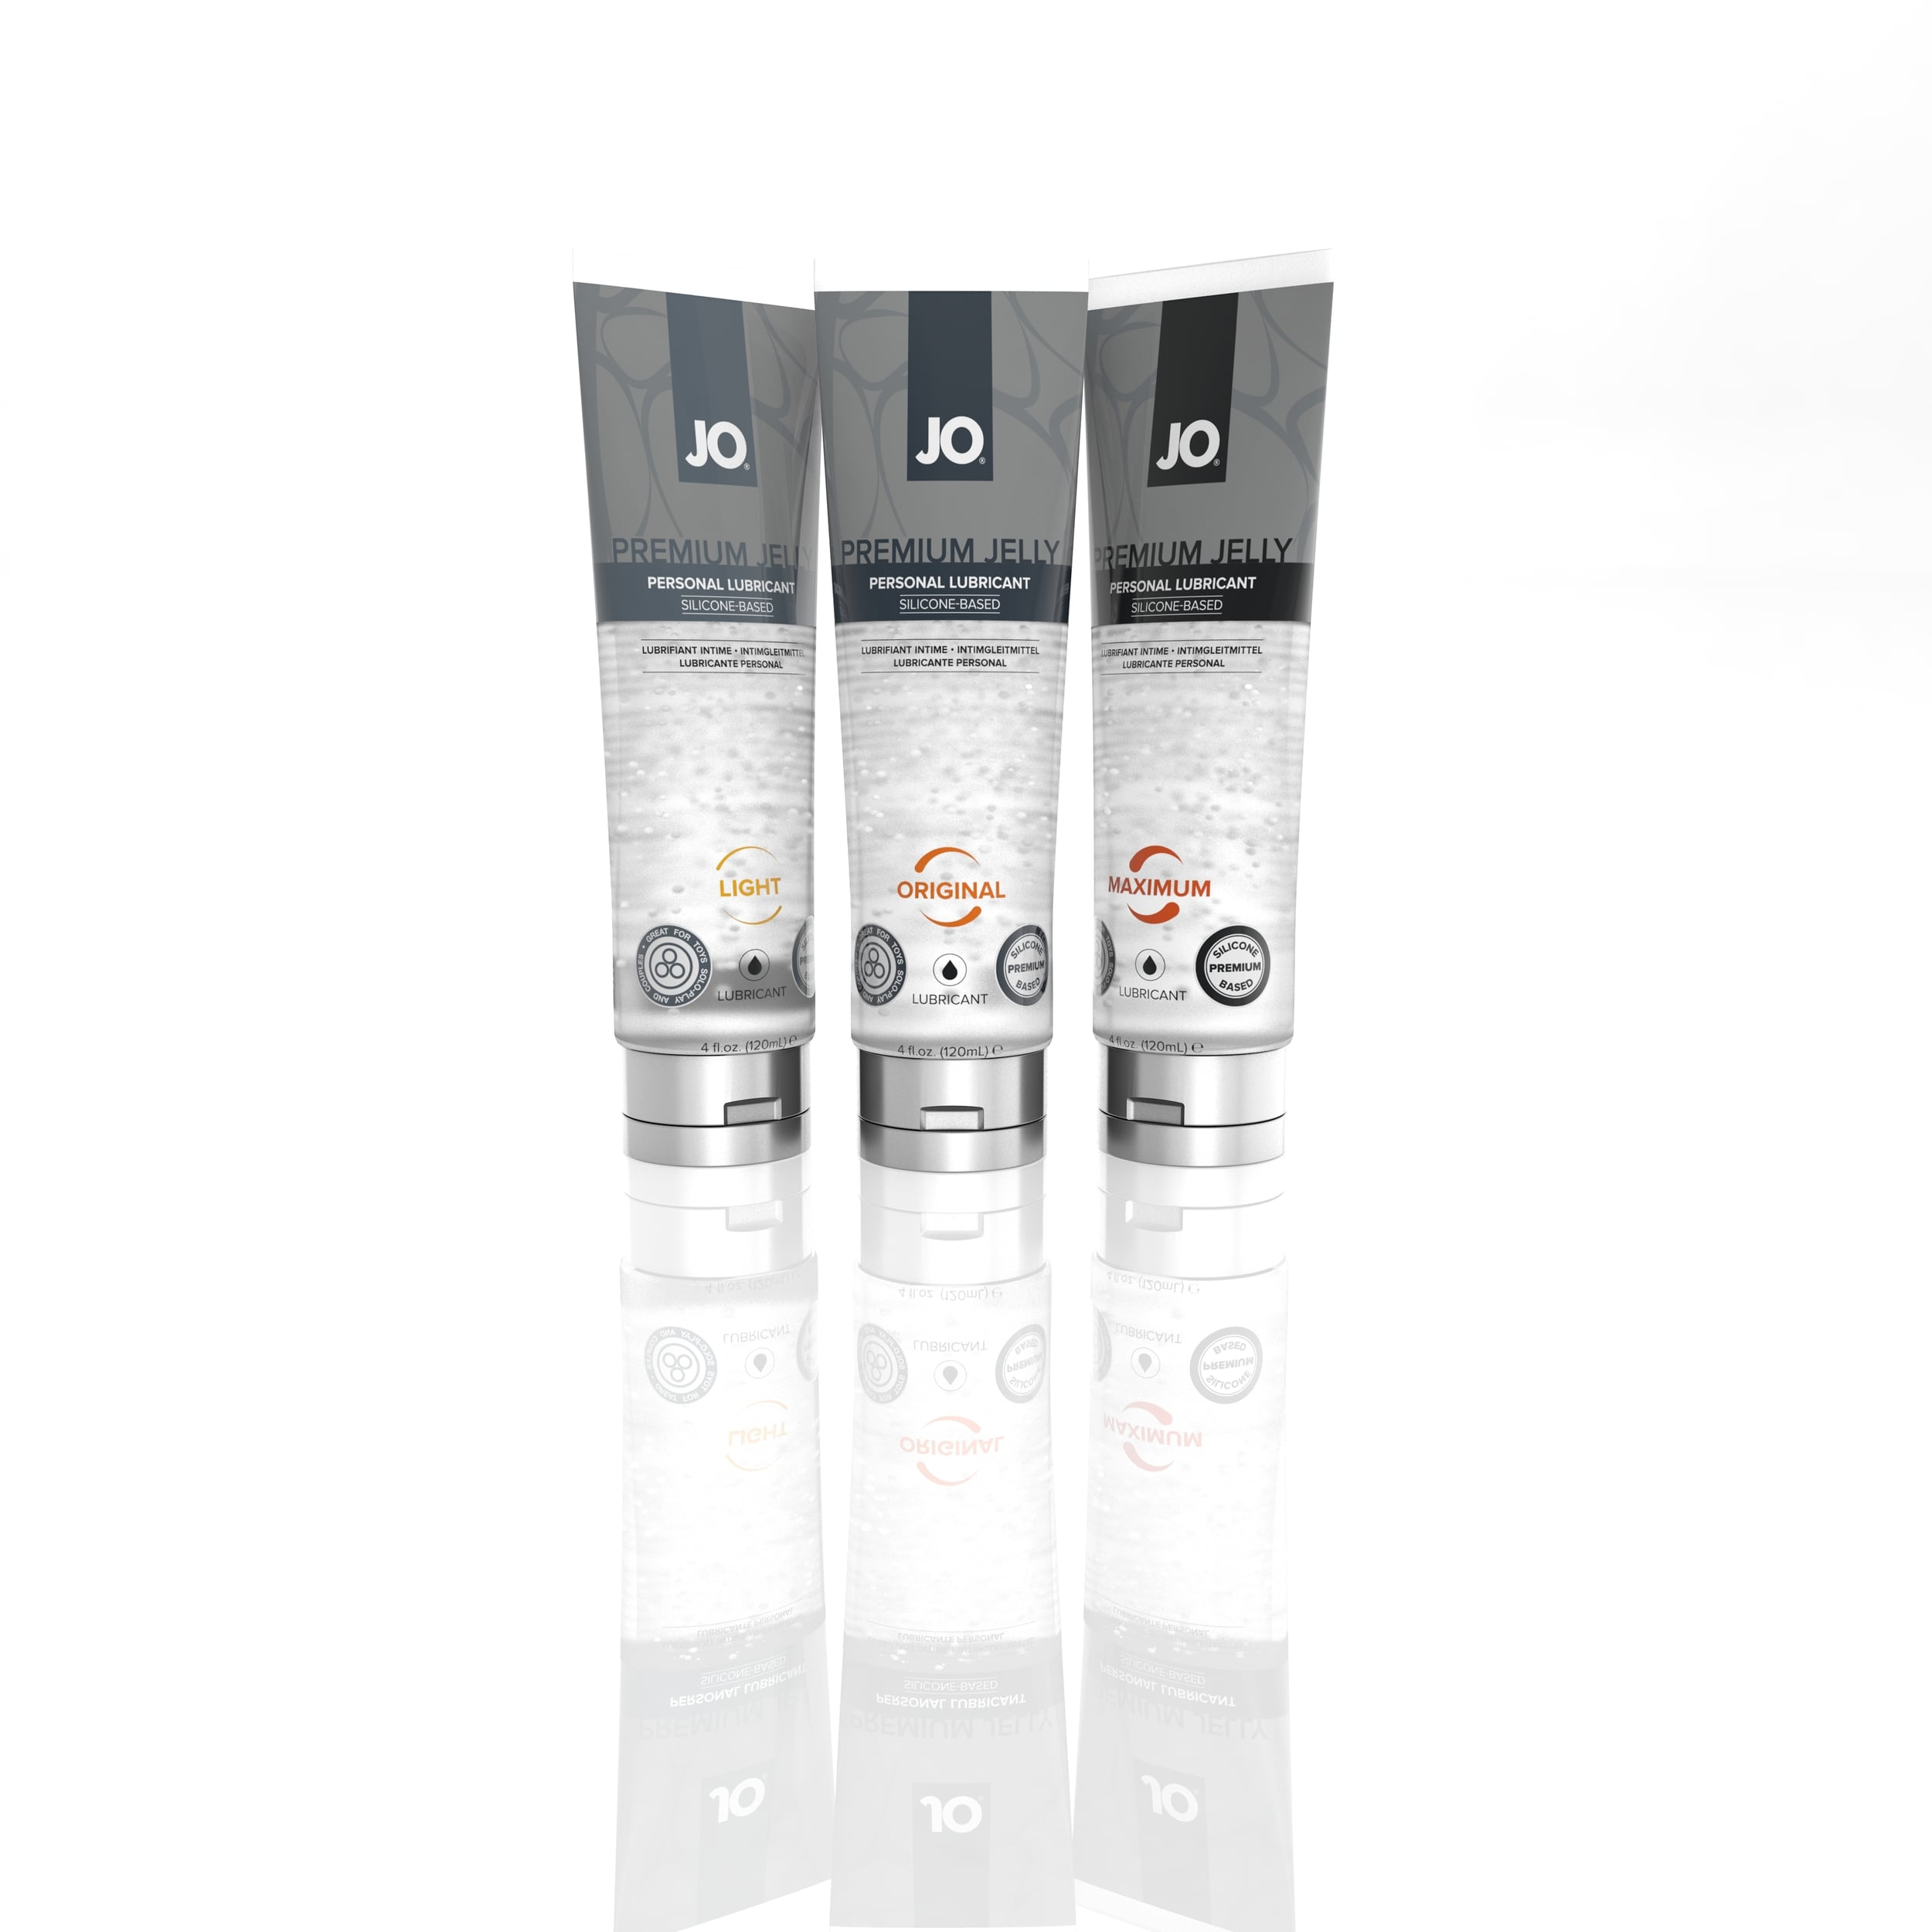 JO Premium Jelly (cluster).jpg